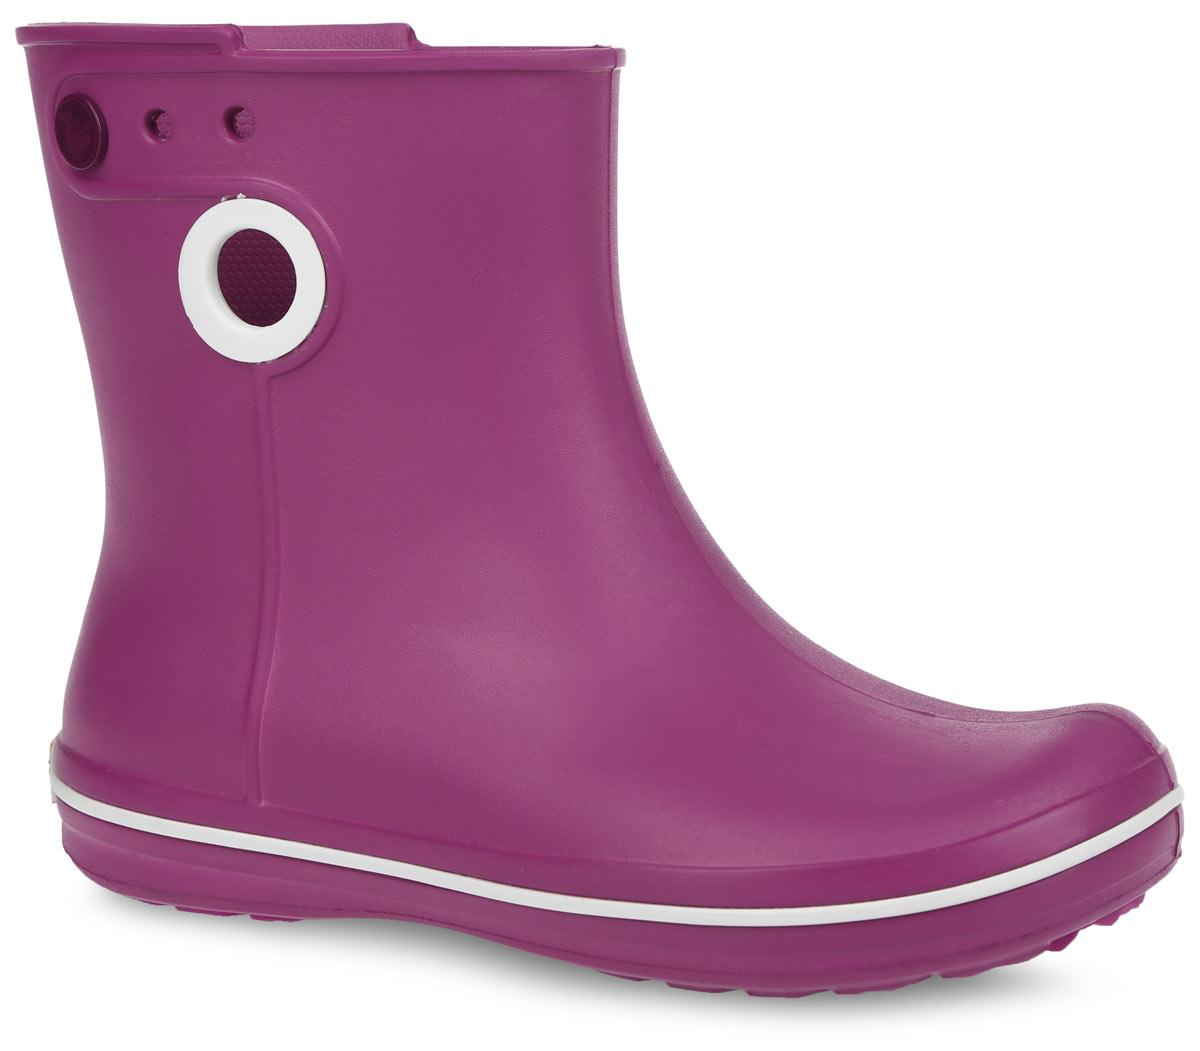 15769-410Стильные резиновые полусапоги Jaunt Shorty Boot от Crocs придутся вам по душе. Модель выполнена из полимера Croslite. Благодаря материалу Croslite обувь невероятно легкая, мягкая и удобная. Материал Croslite - бактериостатичен, препятствует появлению неприятных запахов и легок в уходе: быстро сохнет и не оставляет следов на любых поверхностях. Модель 100% водонепроницаемая, благодаря полностью литой конструкции. По периметру подошвы полусапоги оформлены контрастной полоской, по бокам - декоративными отверстиями, с одной из боковых сторон - отверстиями для украшения джибитсами. Рифленое основание подошвы гарантирует идеальное сцепление с любой поверхностью. Стильные резиновые полусапоги - незаменимая вещь в дождливую погоду.